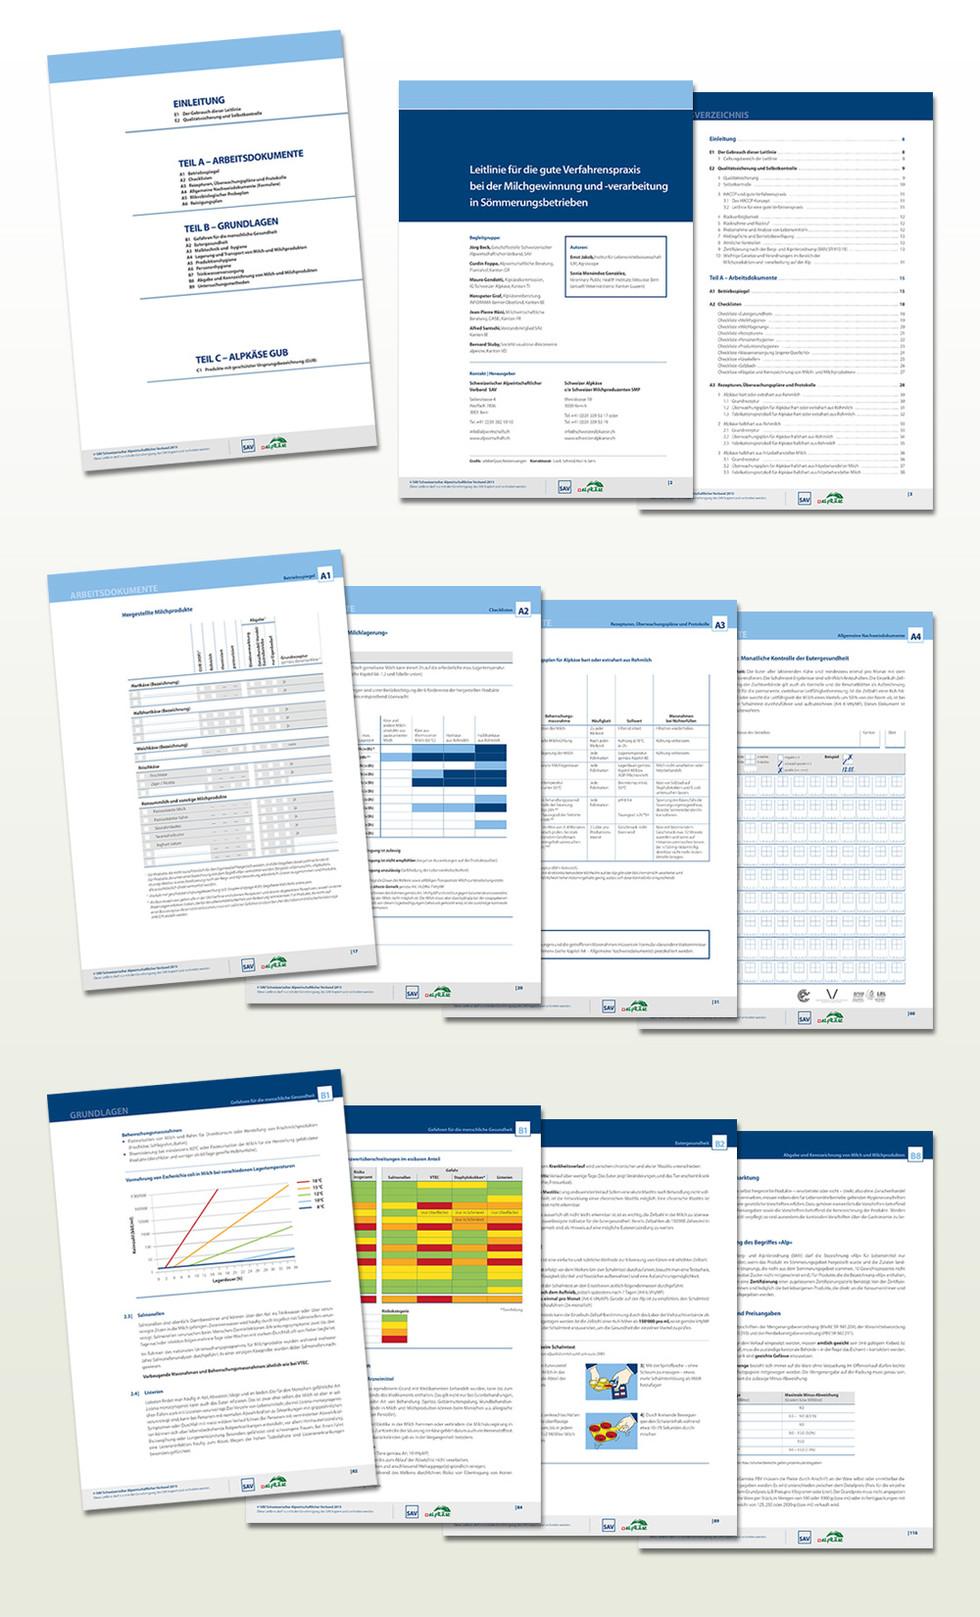 SAV_Branchenleitlinie_Inhalt.jpg